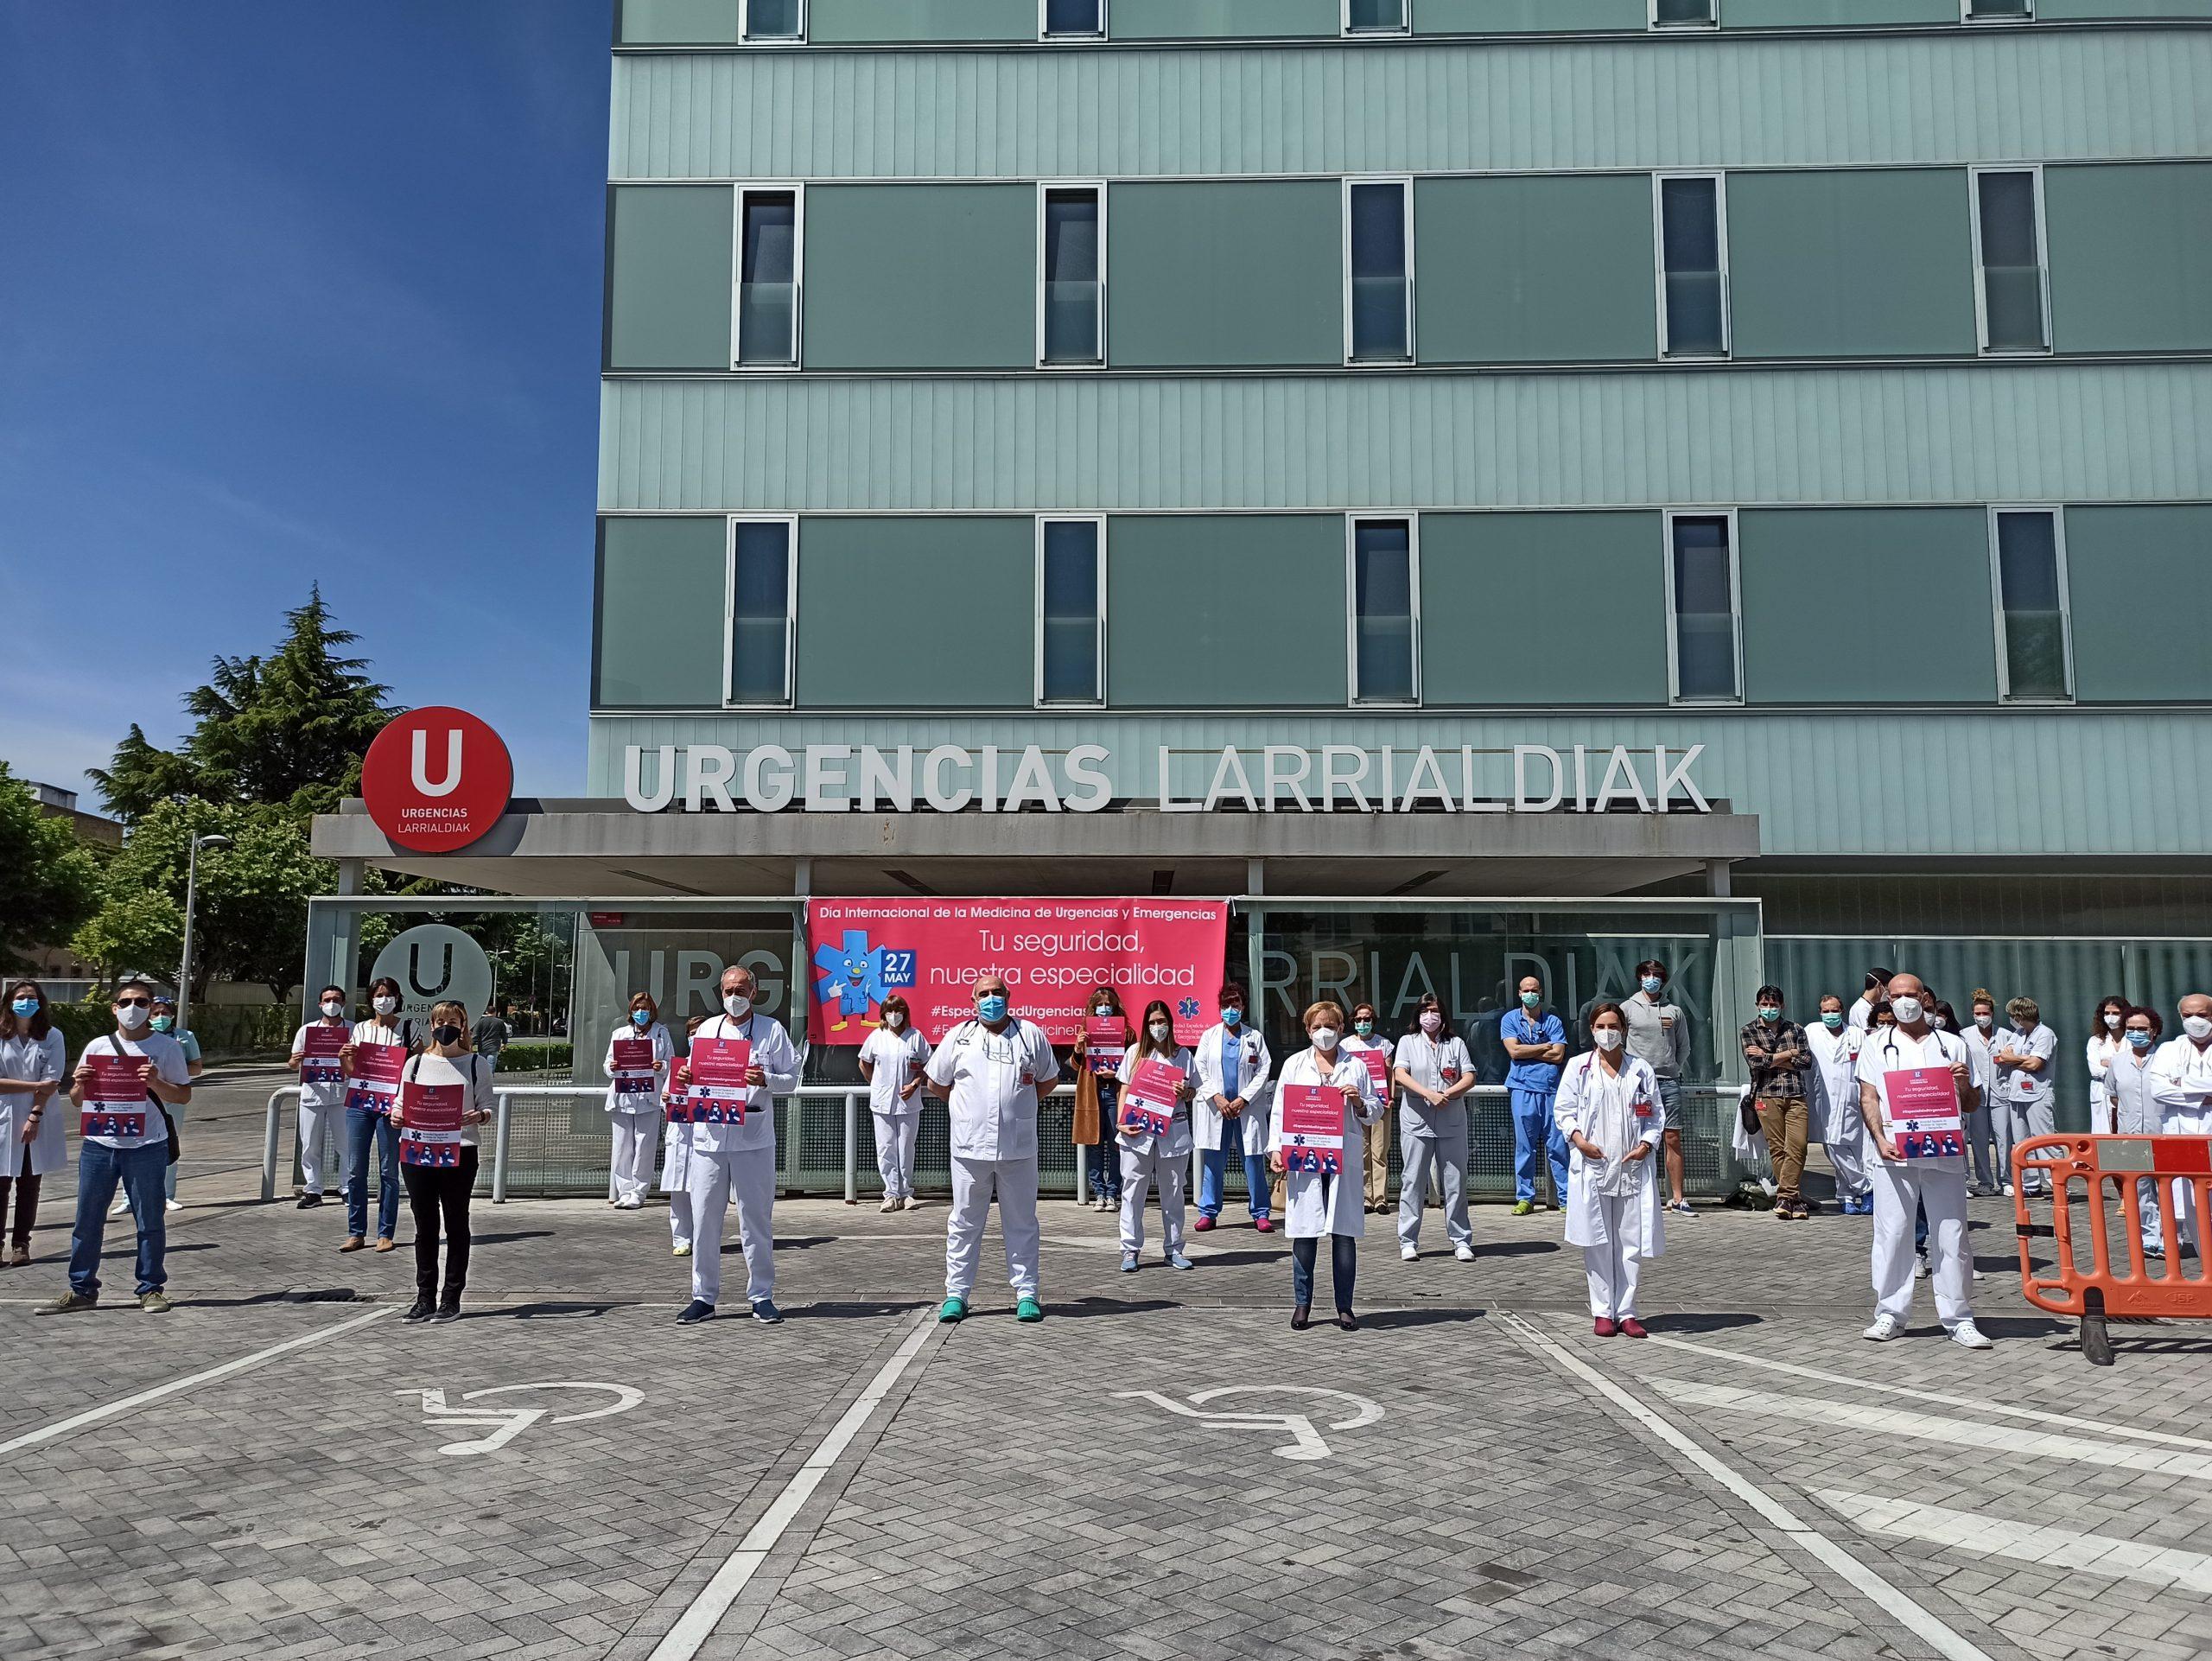 Día Mundial de la Medicina de Urgencias y Emergencias: Concentración por el reconocimiento de la especialidad.